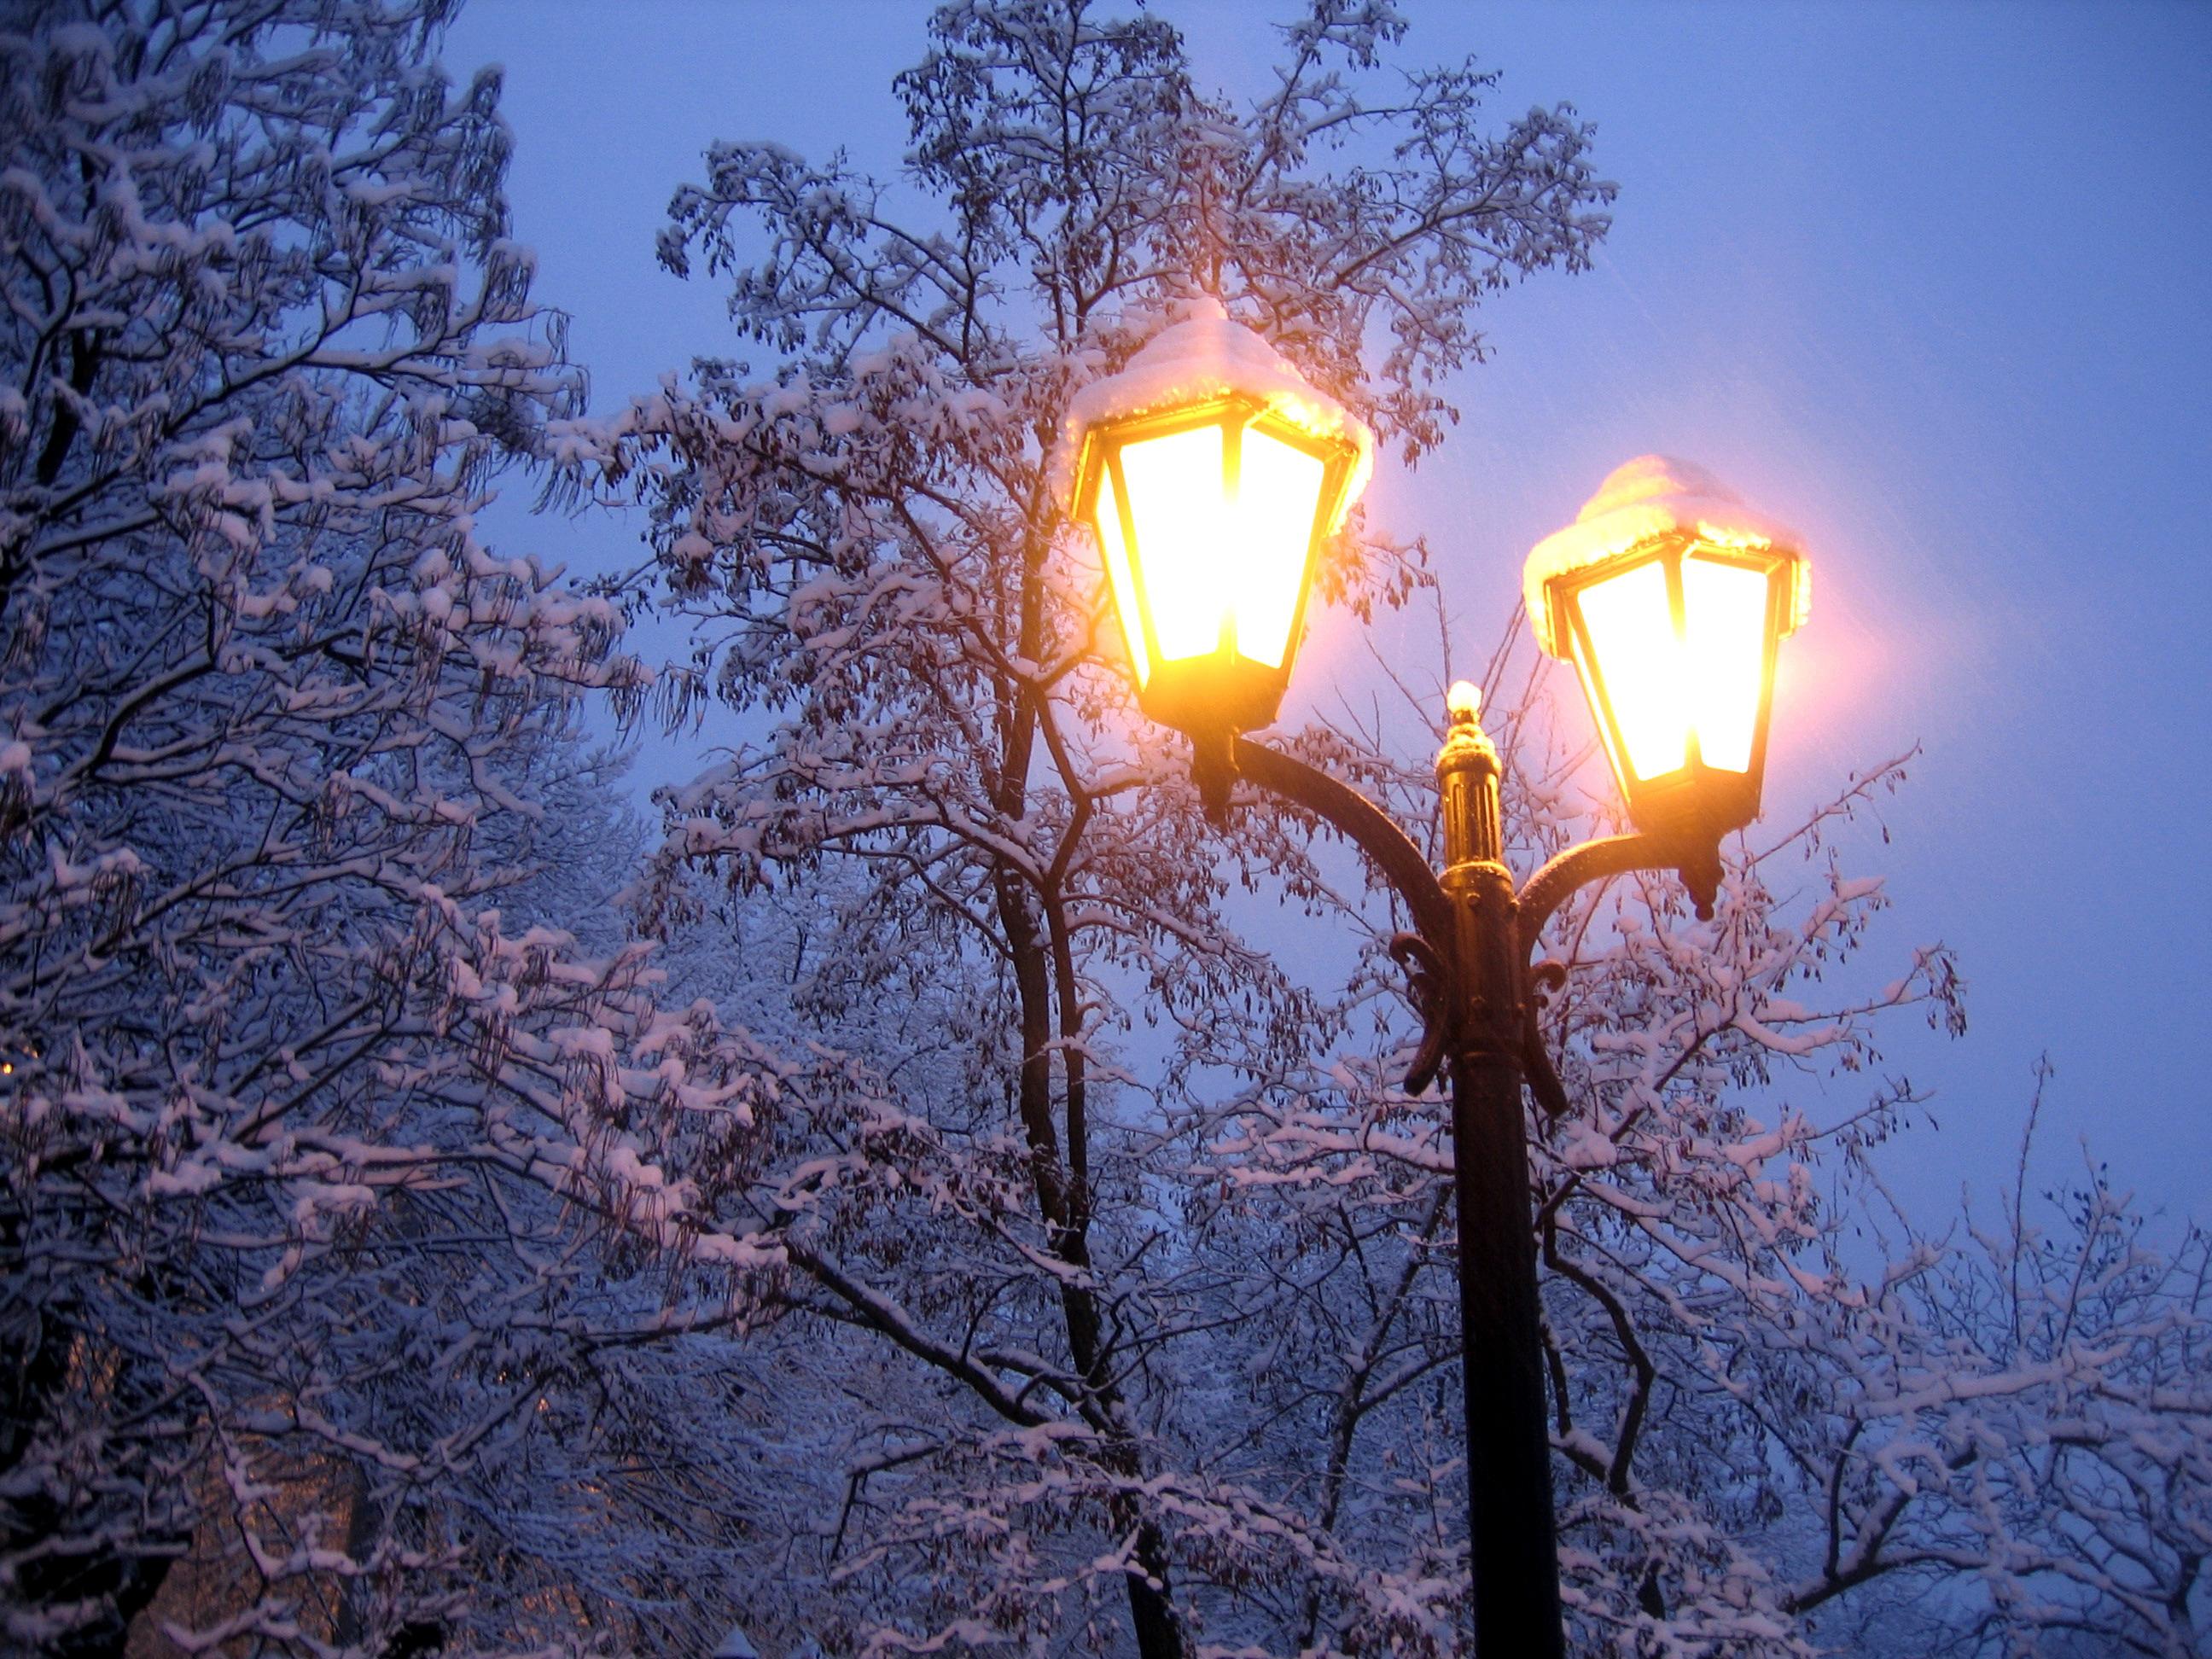 этой картинка вечерний свет как этих